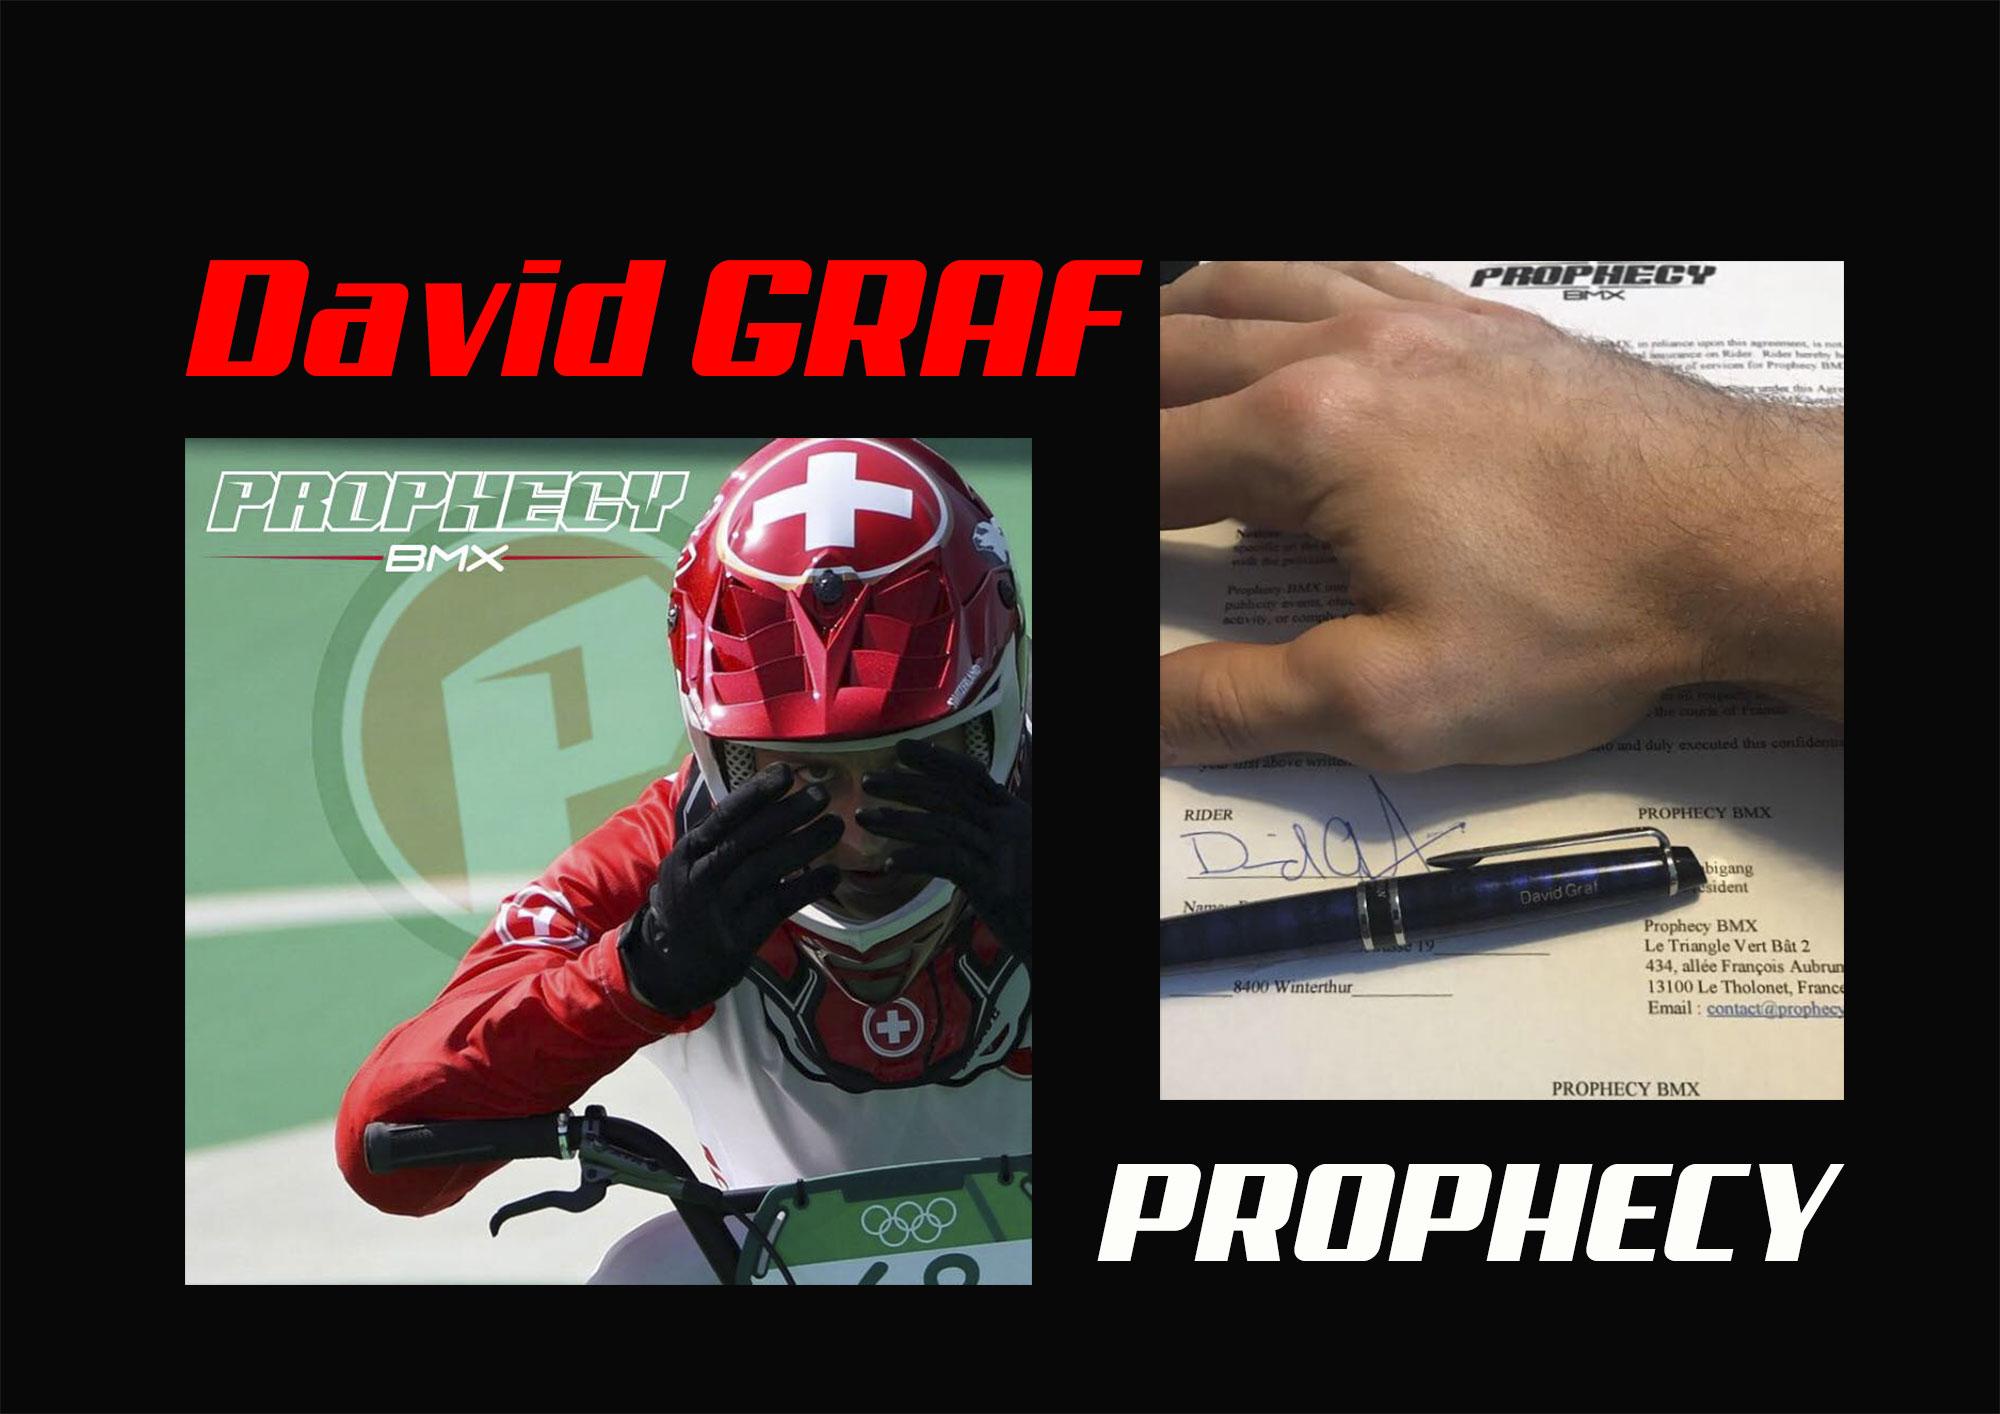 David GRAF signe PROPHECY BMX !